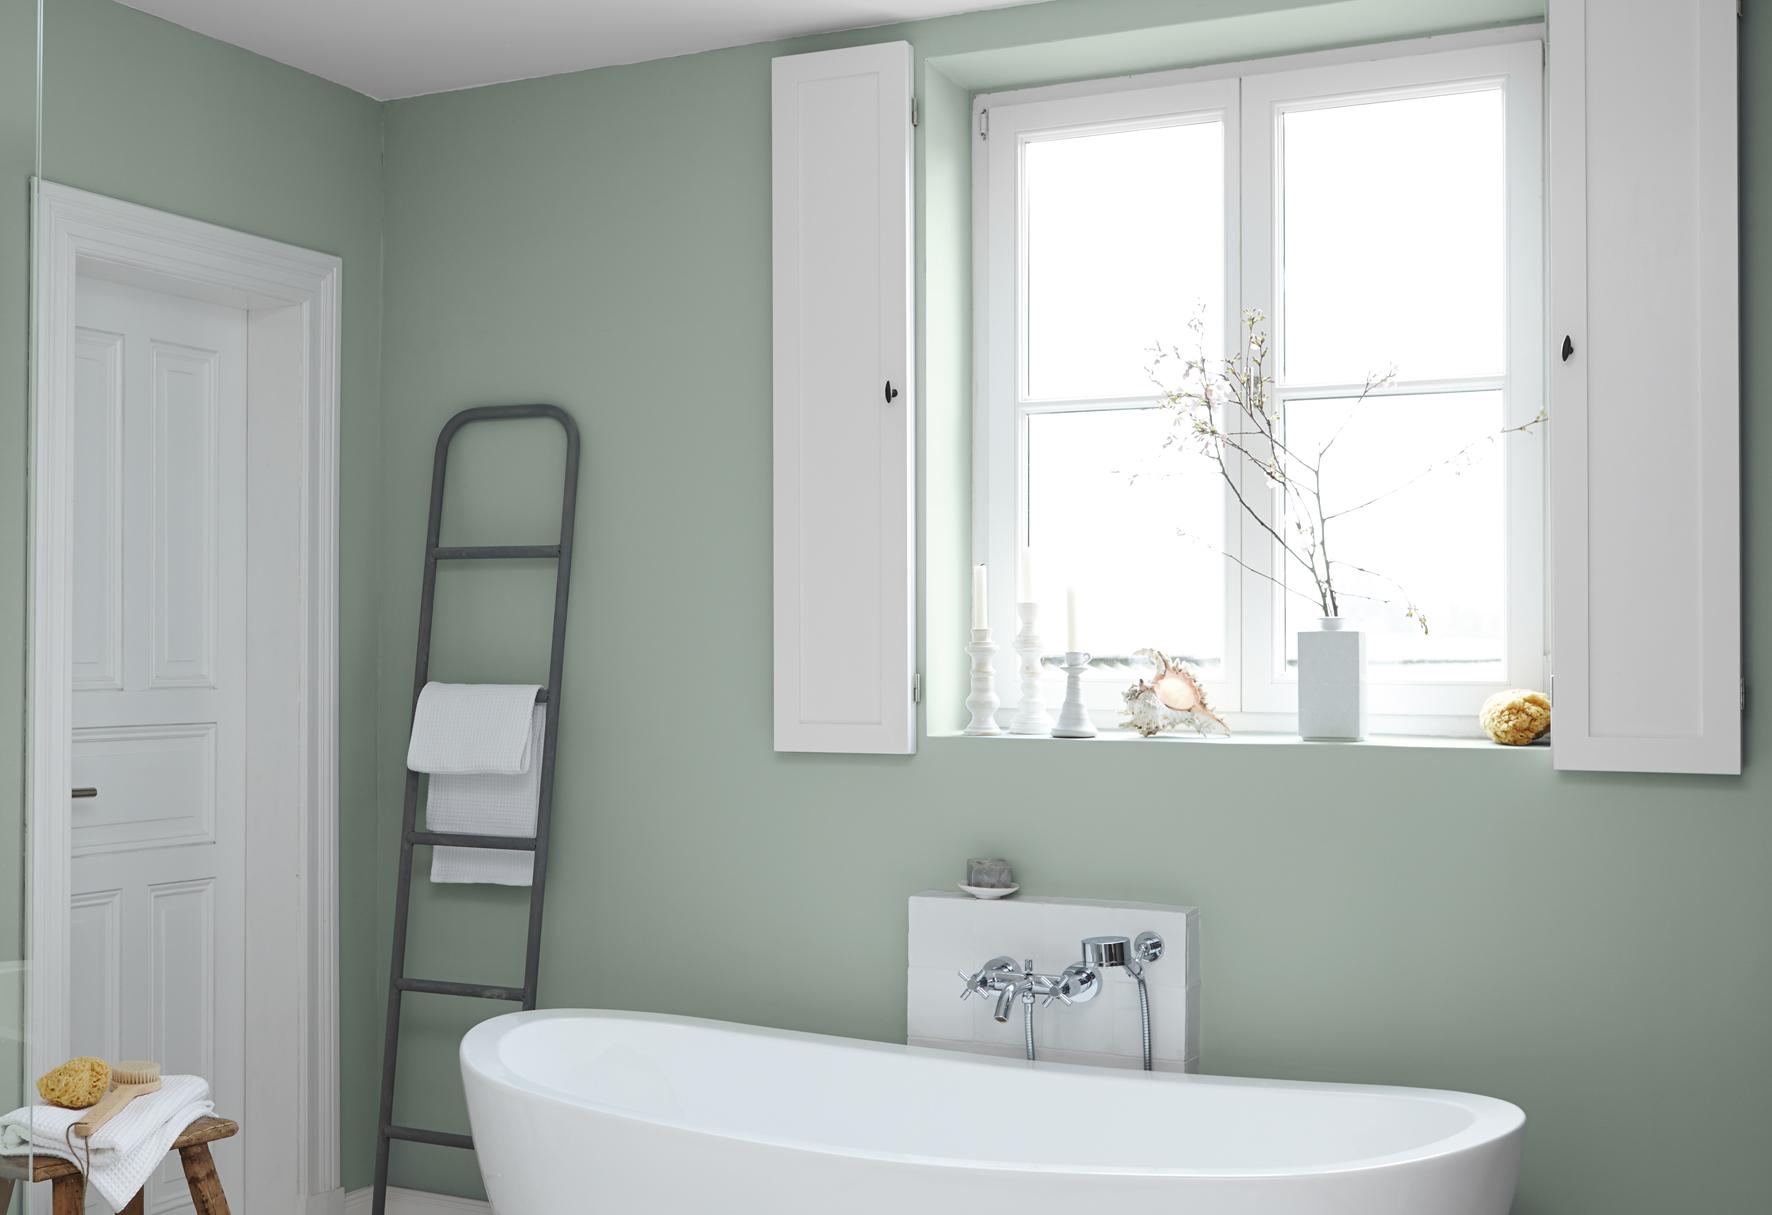 Neben Blau-Tönen sorgen auch grüne Farben für eine tolle Stimmung im Bad. Quelle: Alpina Farben GmbH